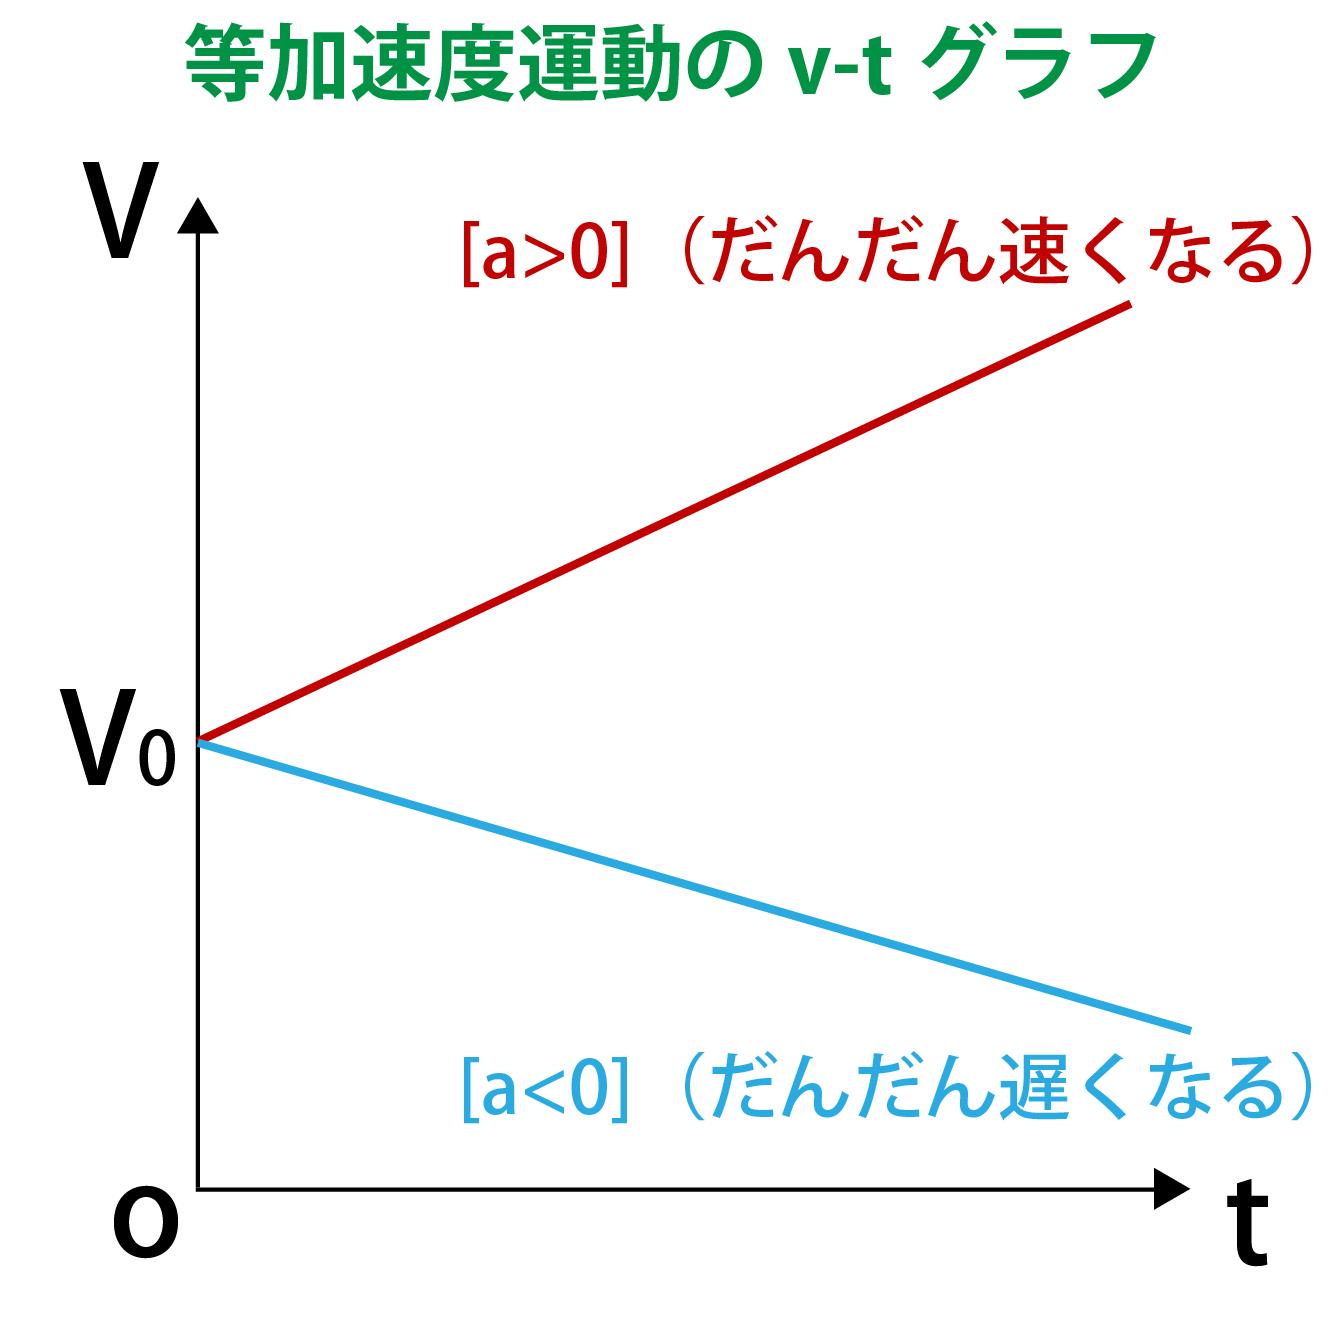 等加速度運動のv-tグラフ